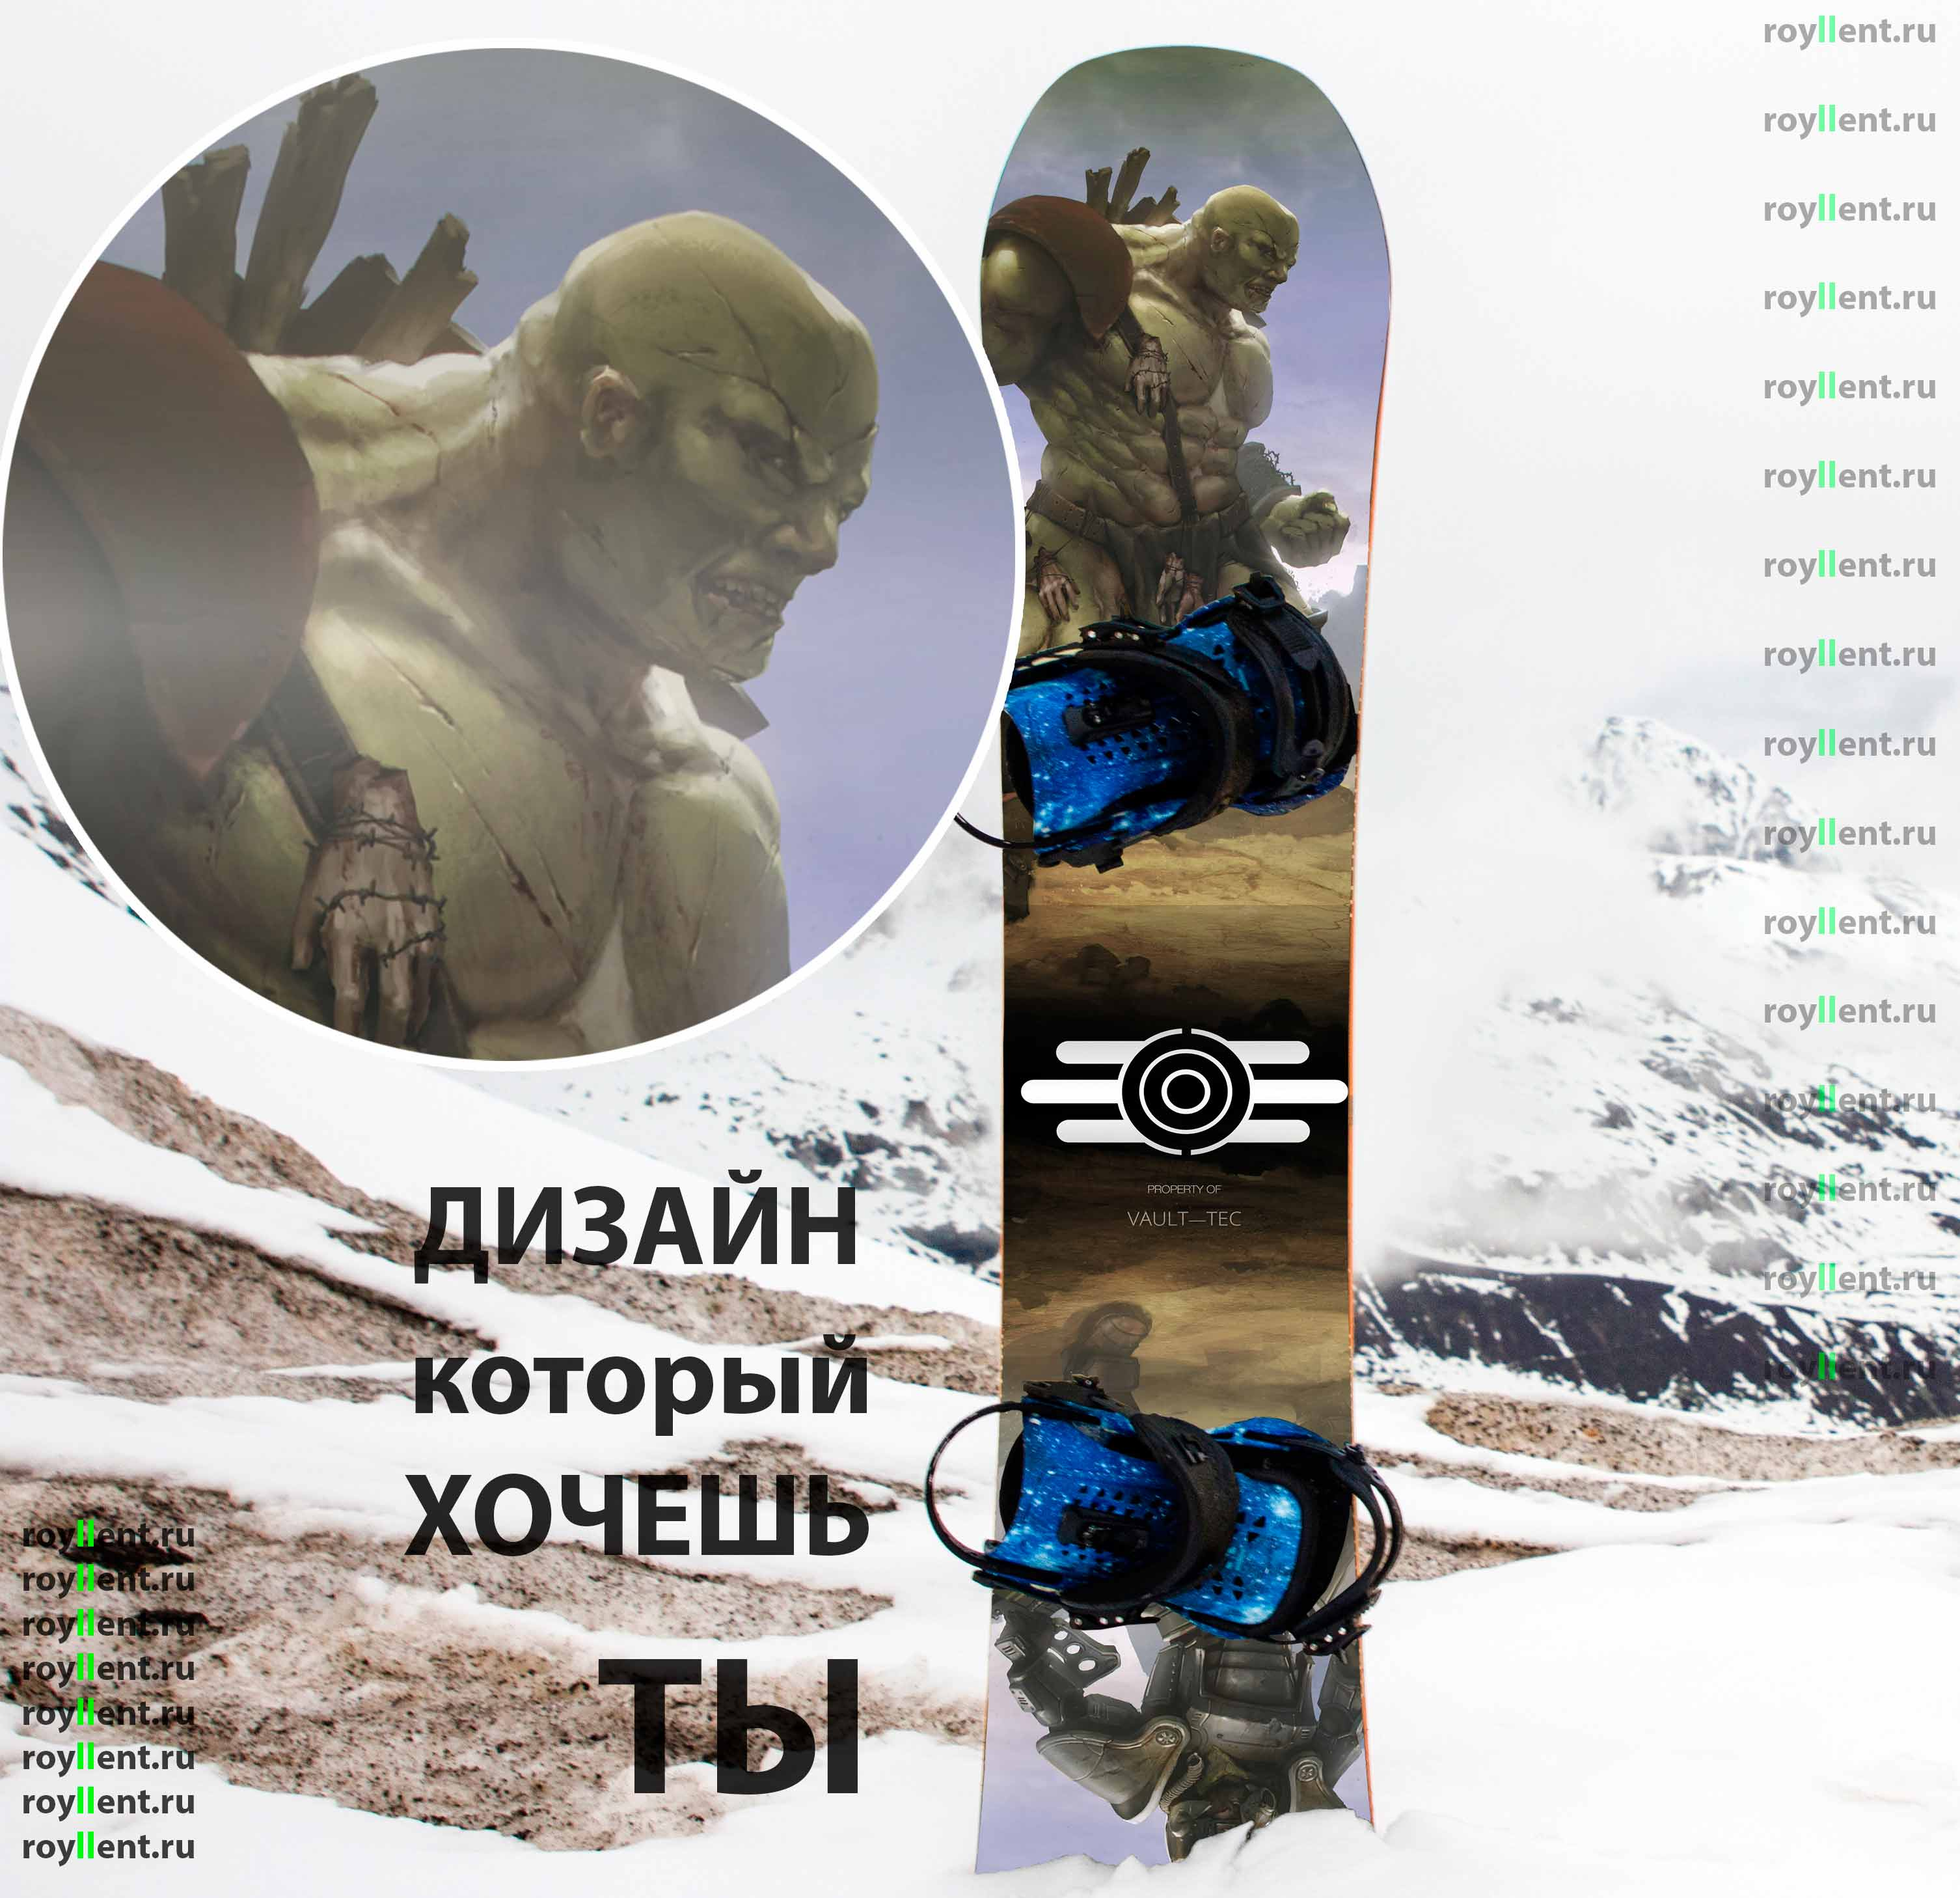 Заказать наклейку виниловую на сноуборд недорого с доставкой по России Москва, Екатеренбург, Сочи, Шерегеш, Краснодар, Питер, Урал